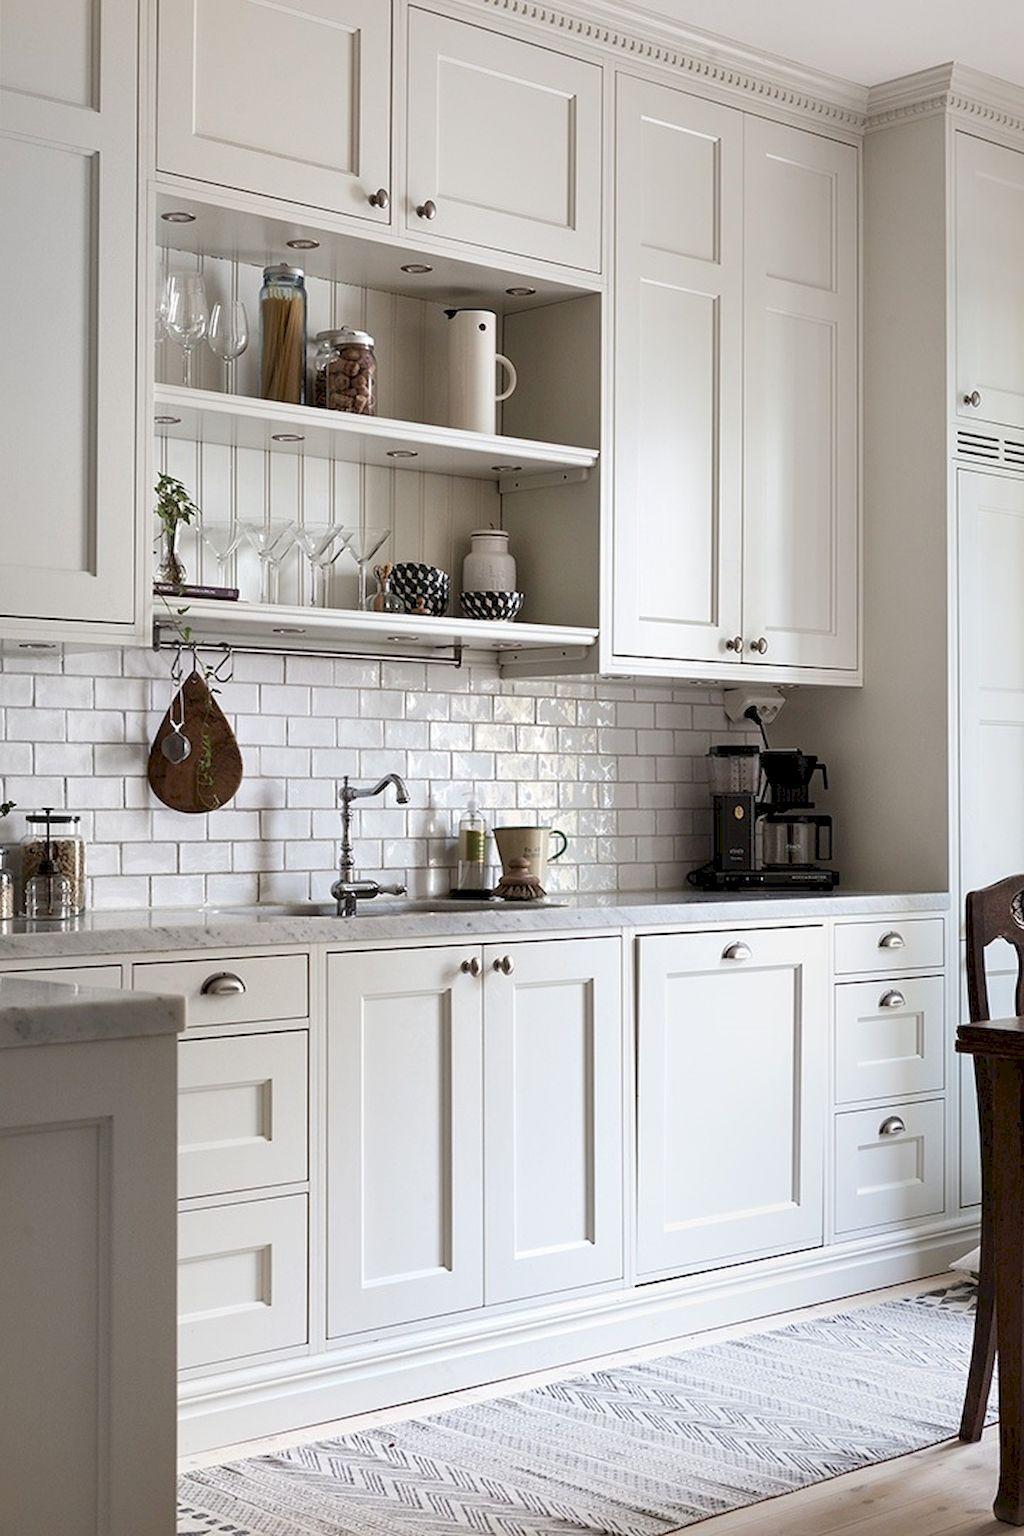 gorgeous farmhouse kitchen cabinets makeover ideas farmhouse